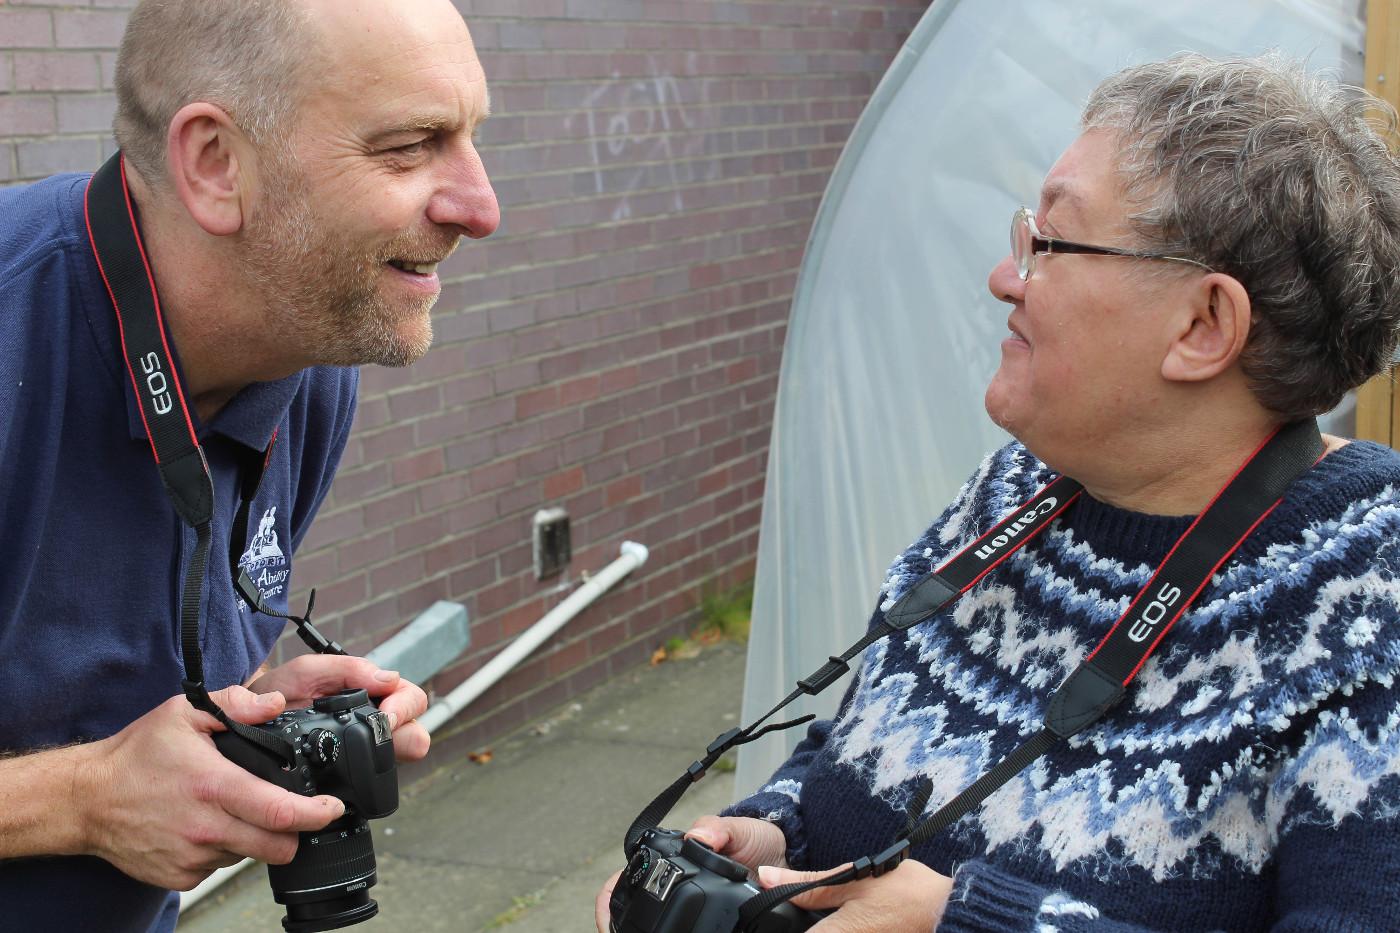 Bryan and Irene taking photos